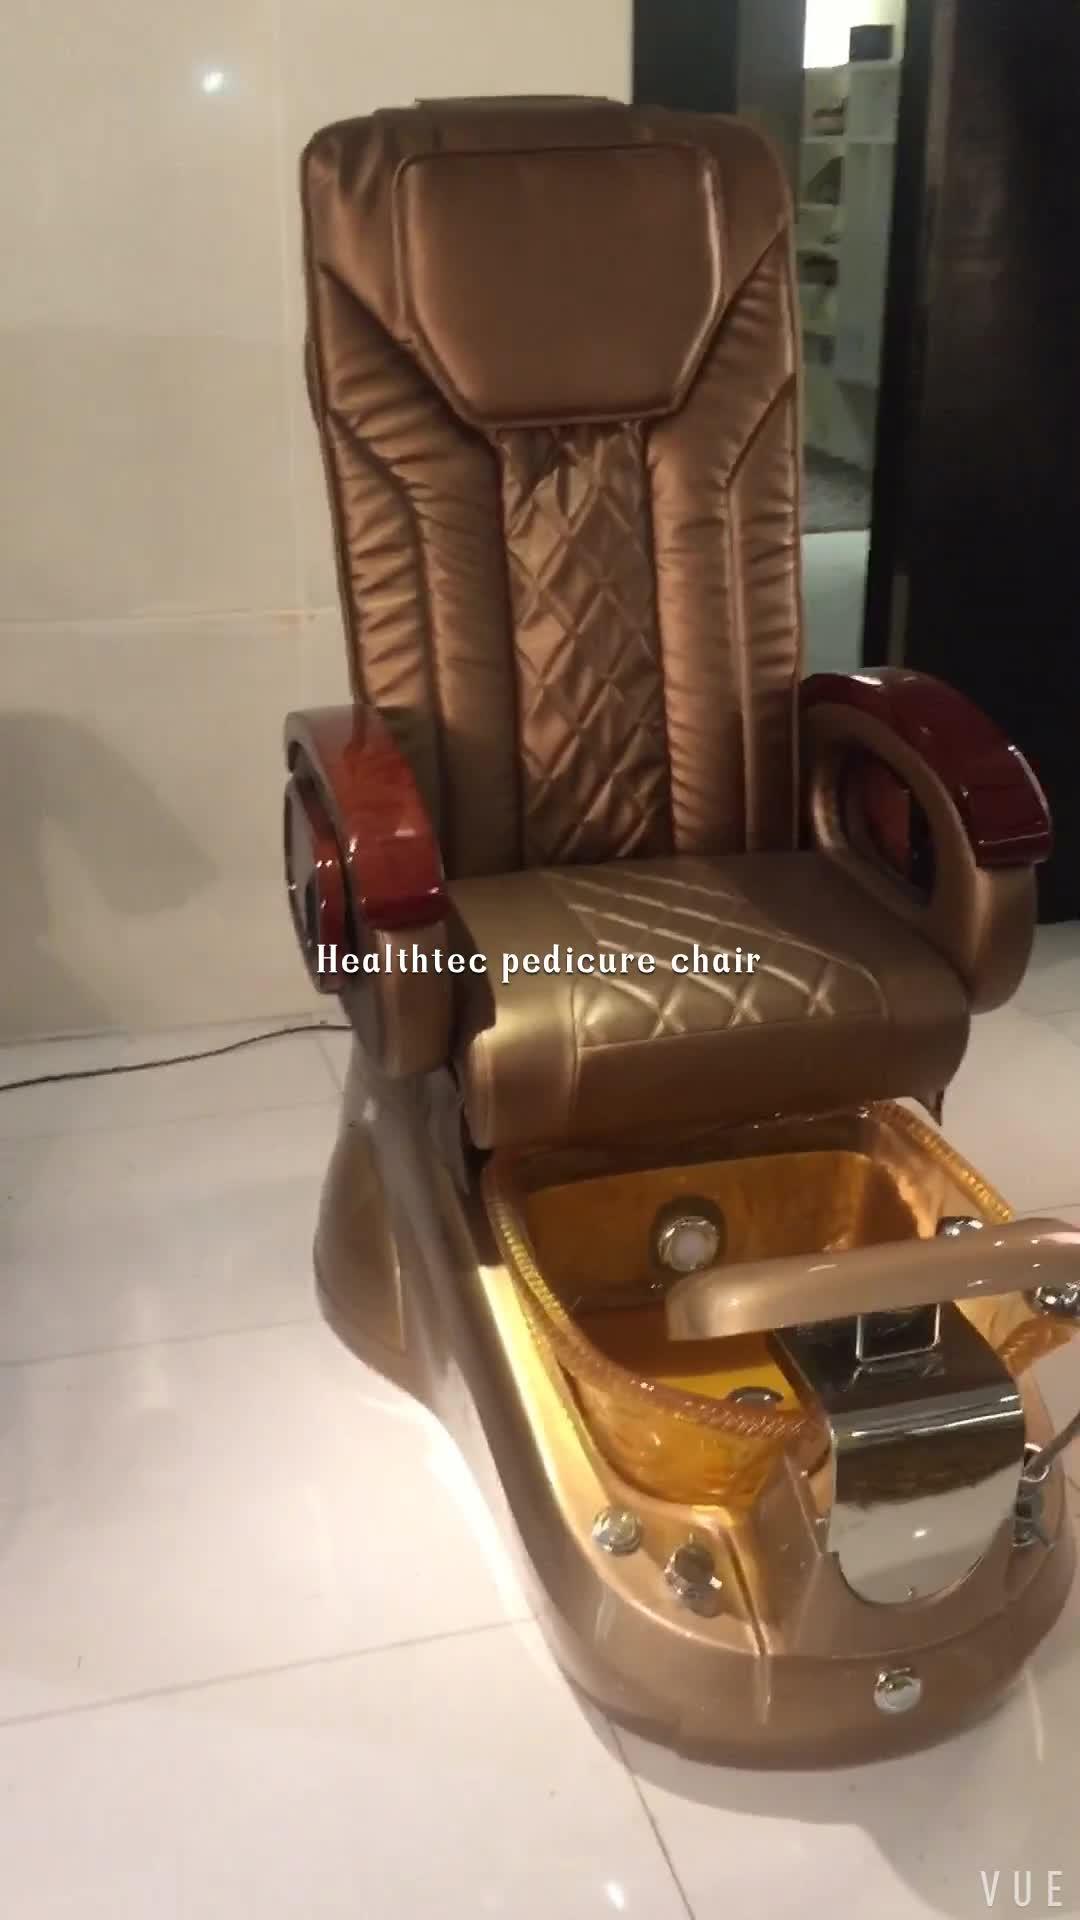 Healthtec nail salon equipment spa massage pedicure chair for Nail salon equipment